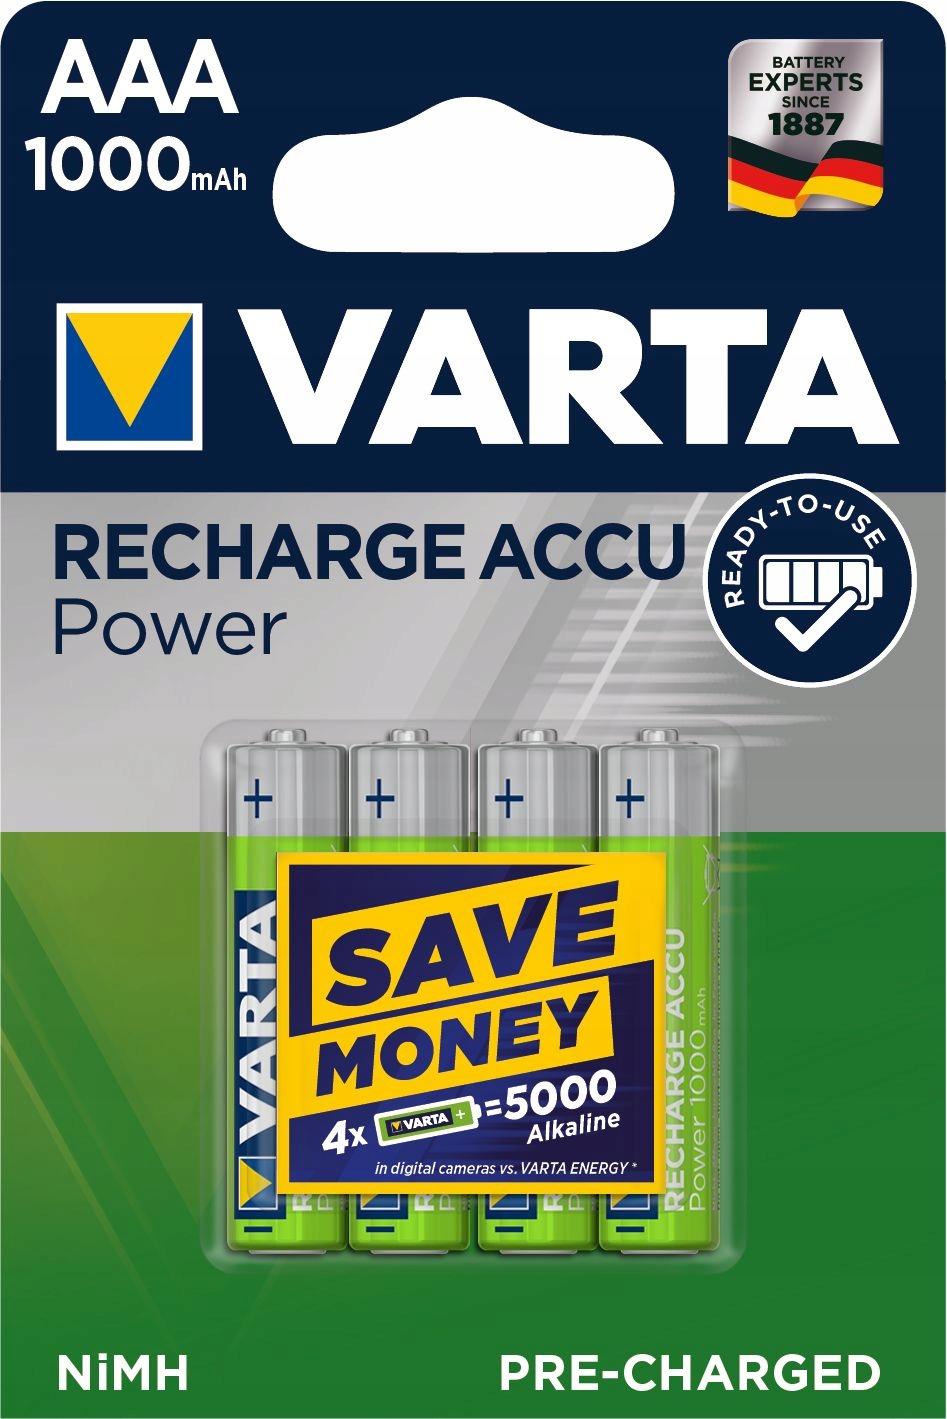 Akumulatorki 4x R03/AAA VARTA READY2USE 1000 mAh